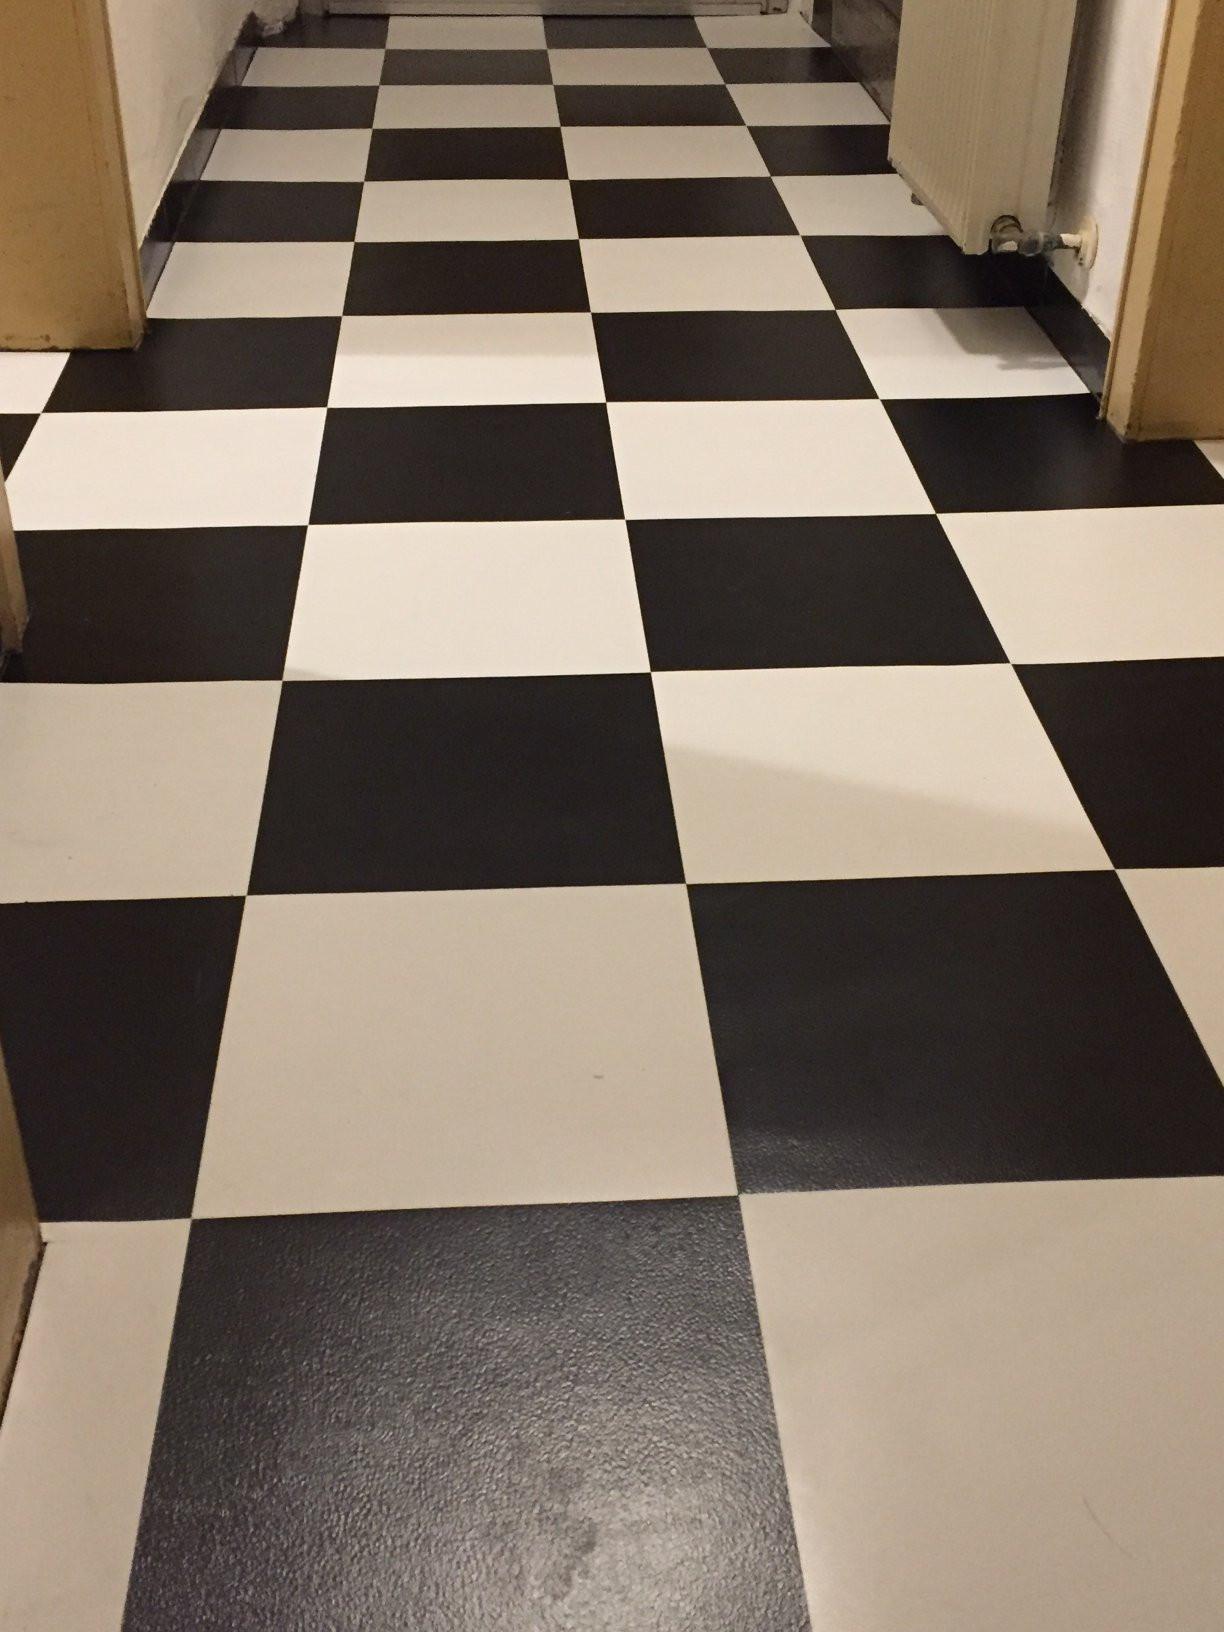 Vinyl Fliesen  Selbstklebende Vinyl Fliesen auf Fußboden verlegen